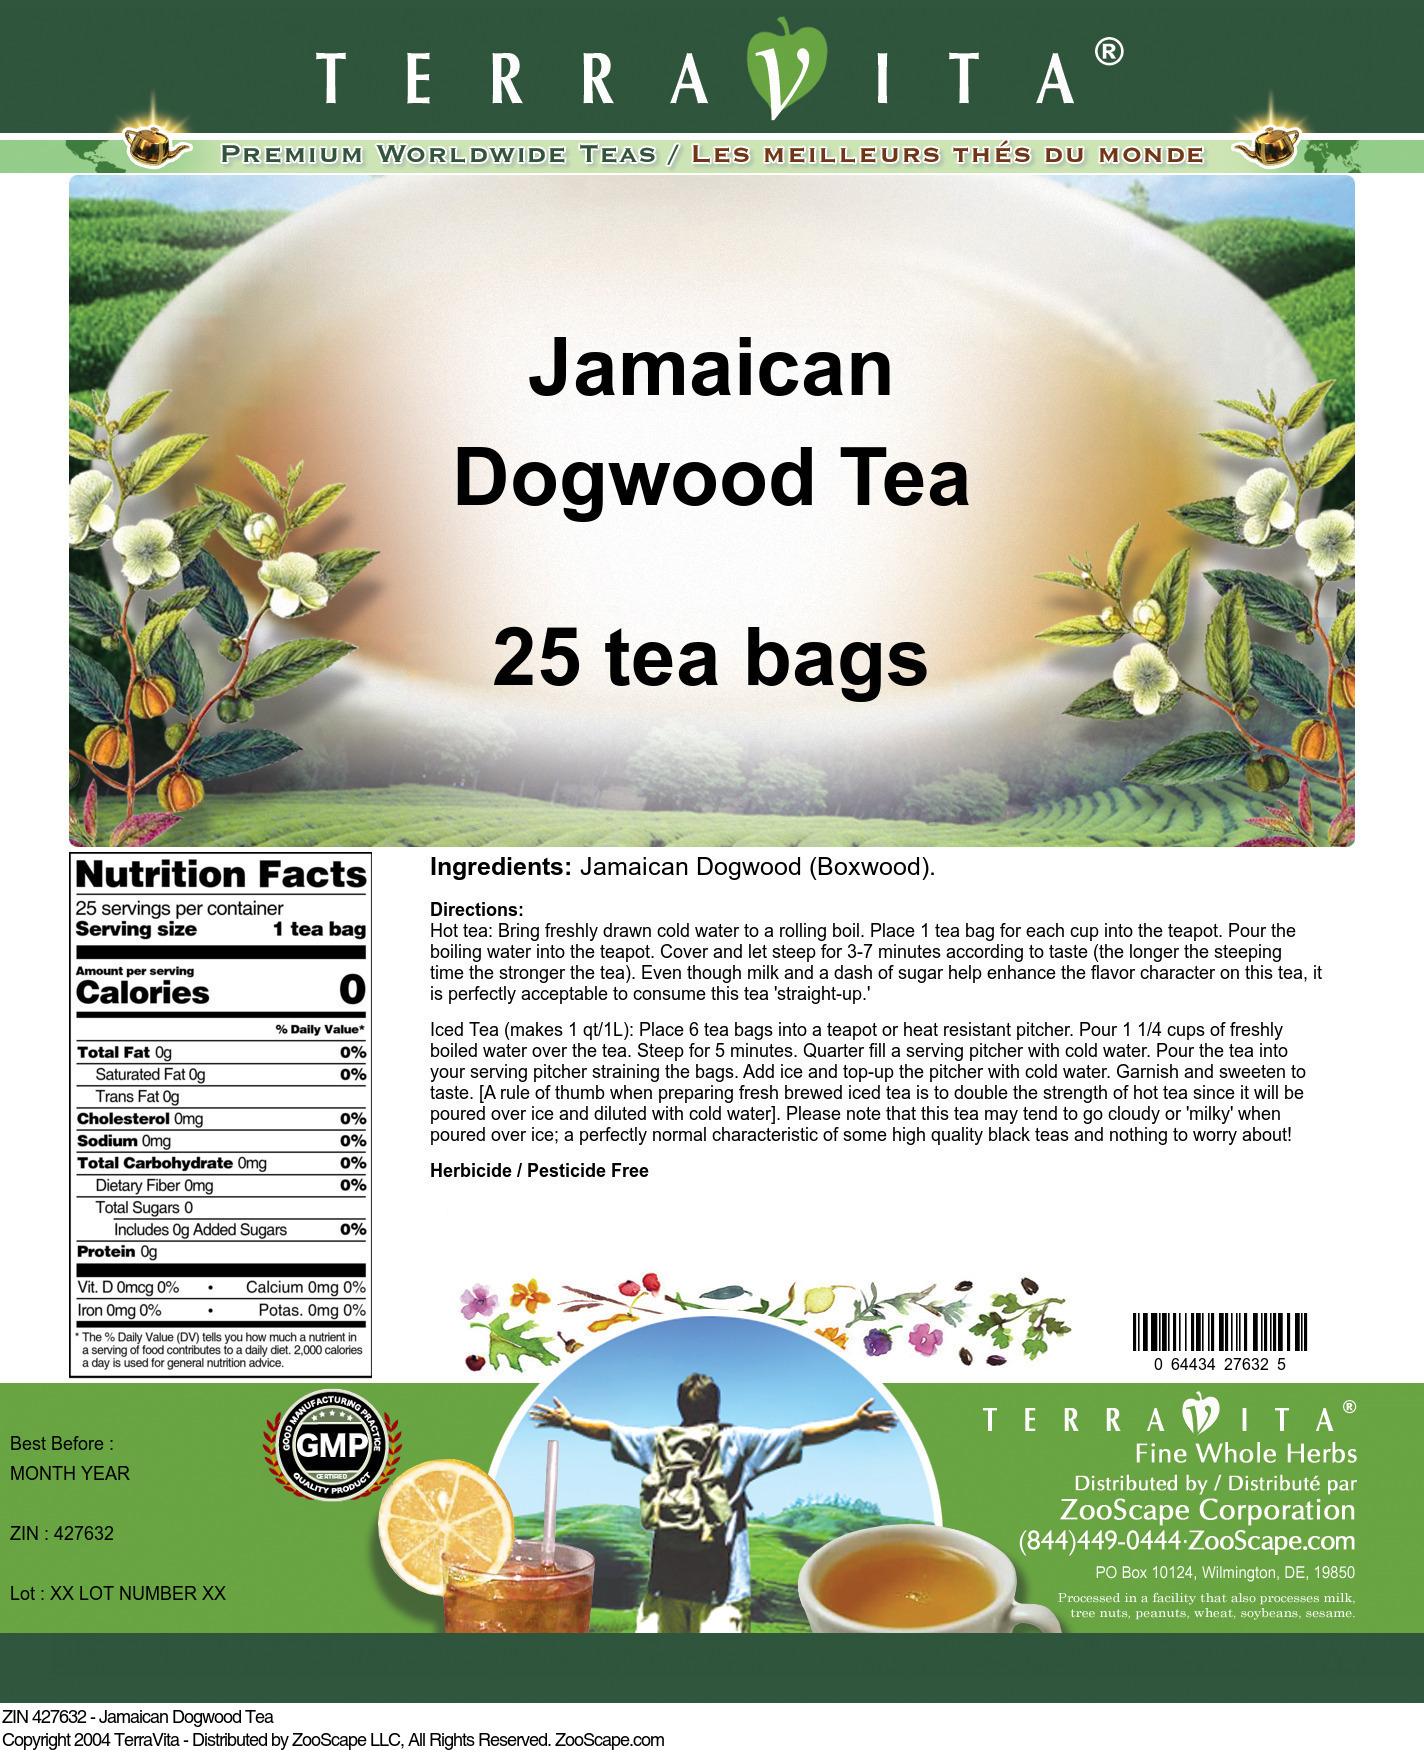 Jamaican Dogwood Tea